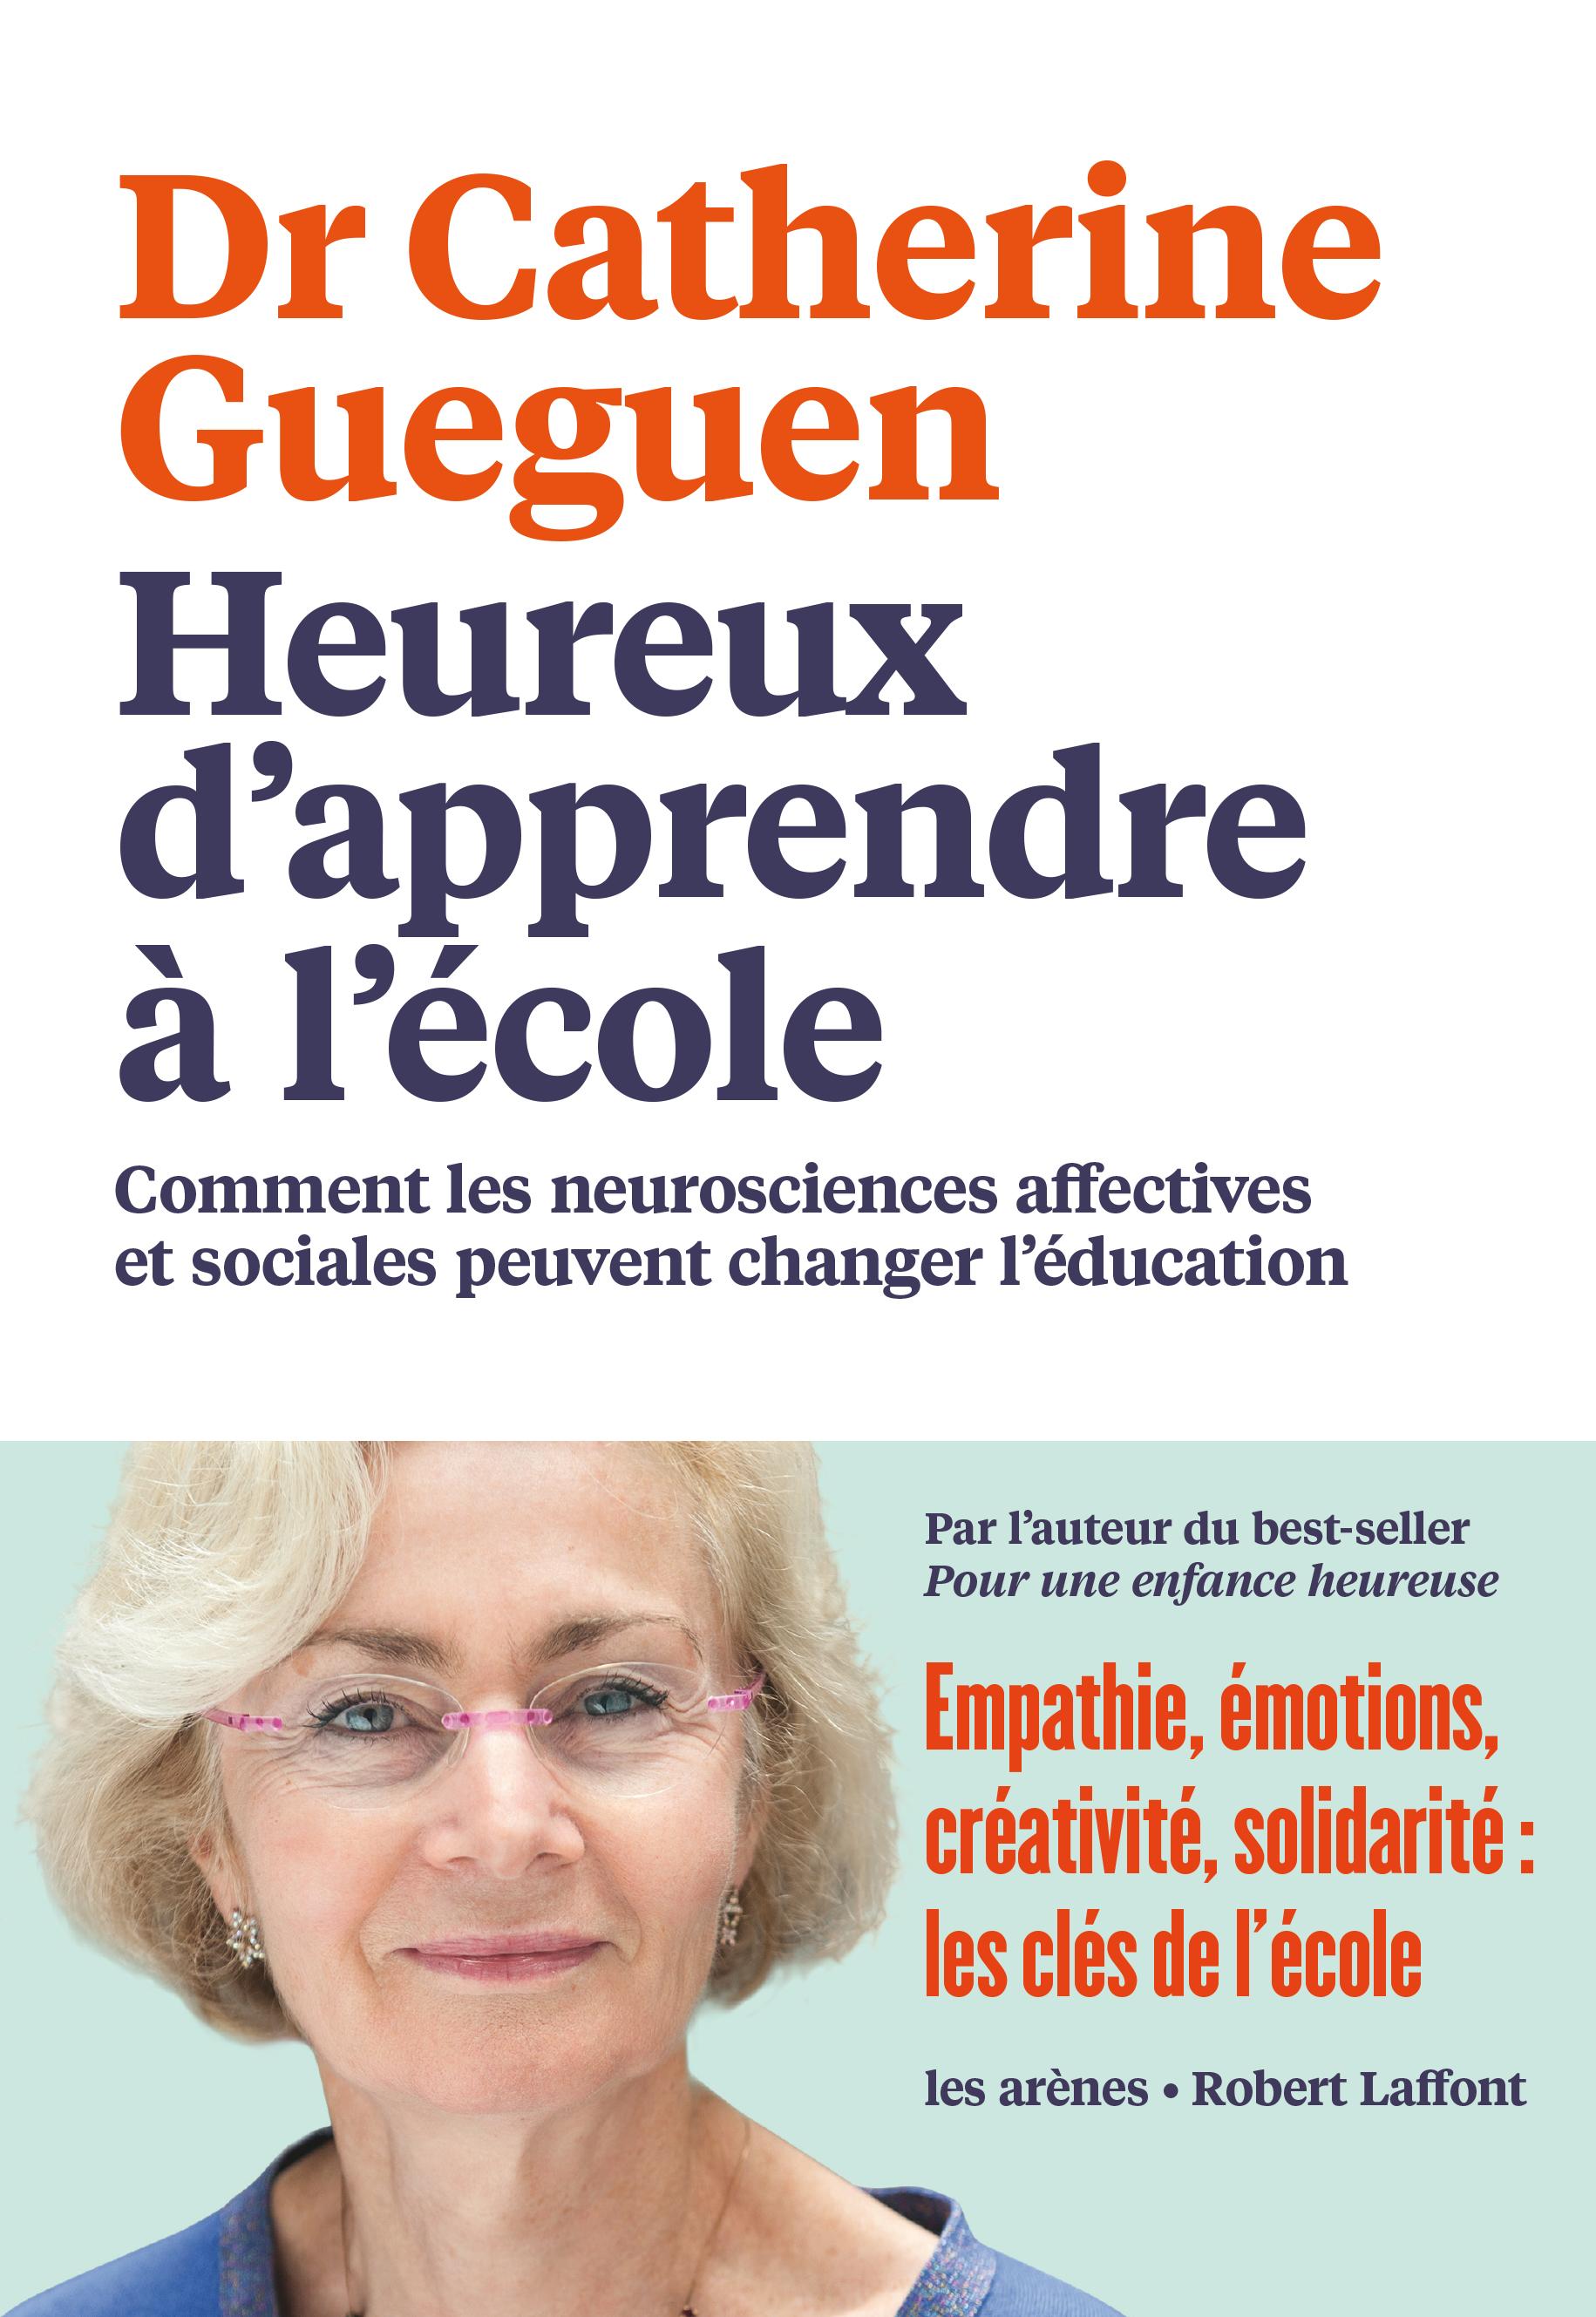 Heureux d'apprendre à l'école, COMMENT LES NEUROSCIENCES AFFECTIVES ET SOCIALES PEUVENT CHANGER L'ÉDUCATION